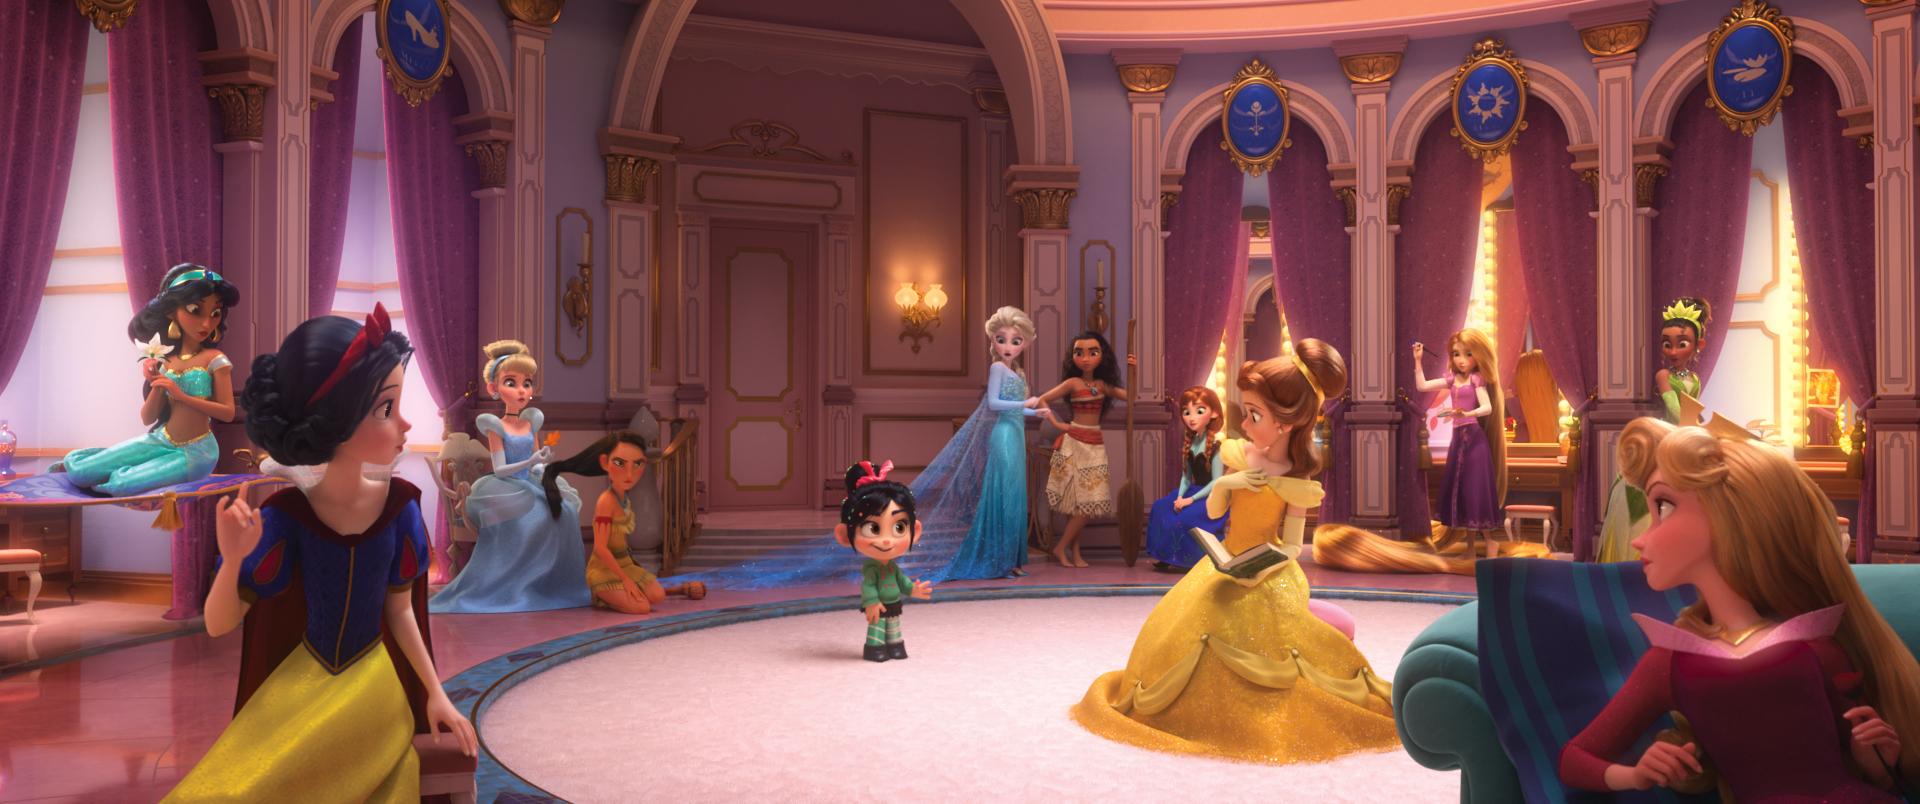 Wreck It Ralph 2 Sneak Peek, Wreck It Ralph Princess Scene